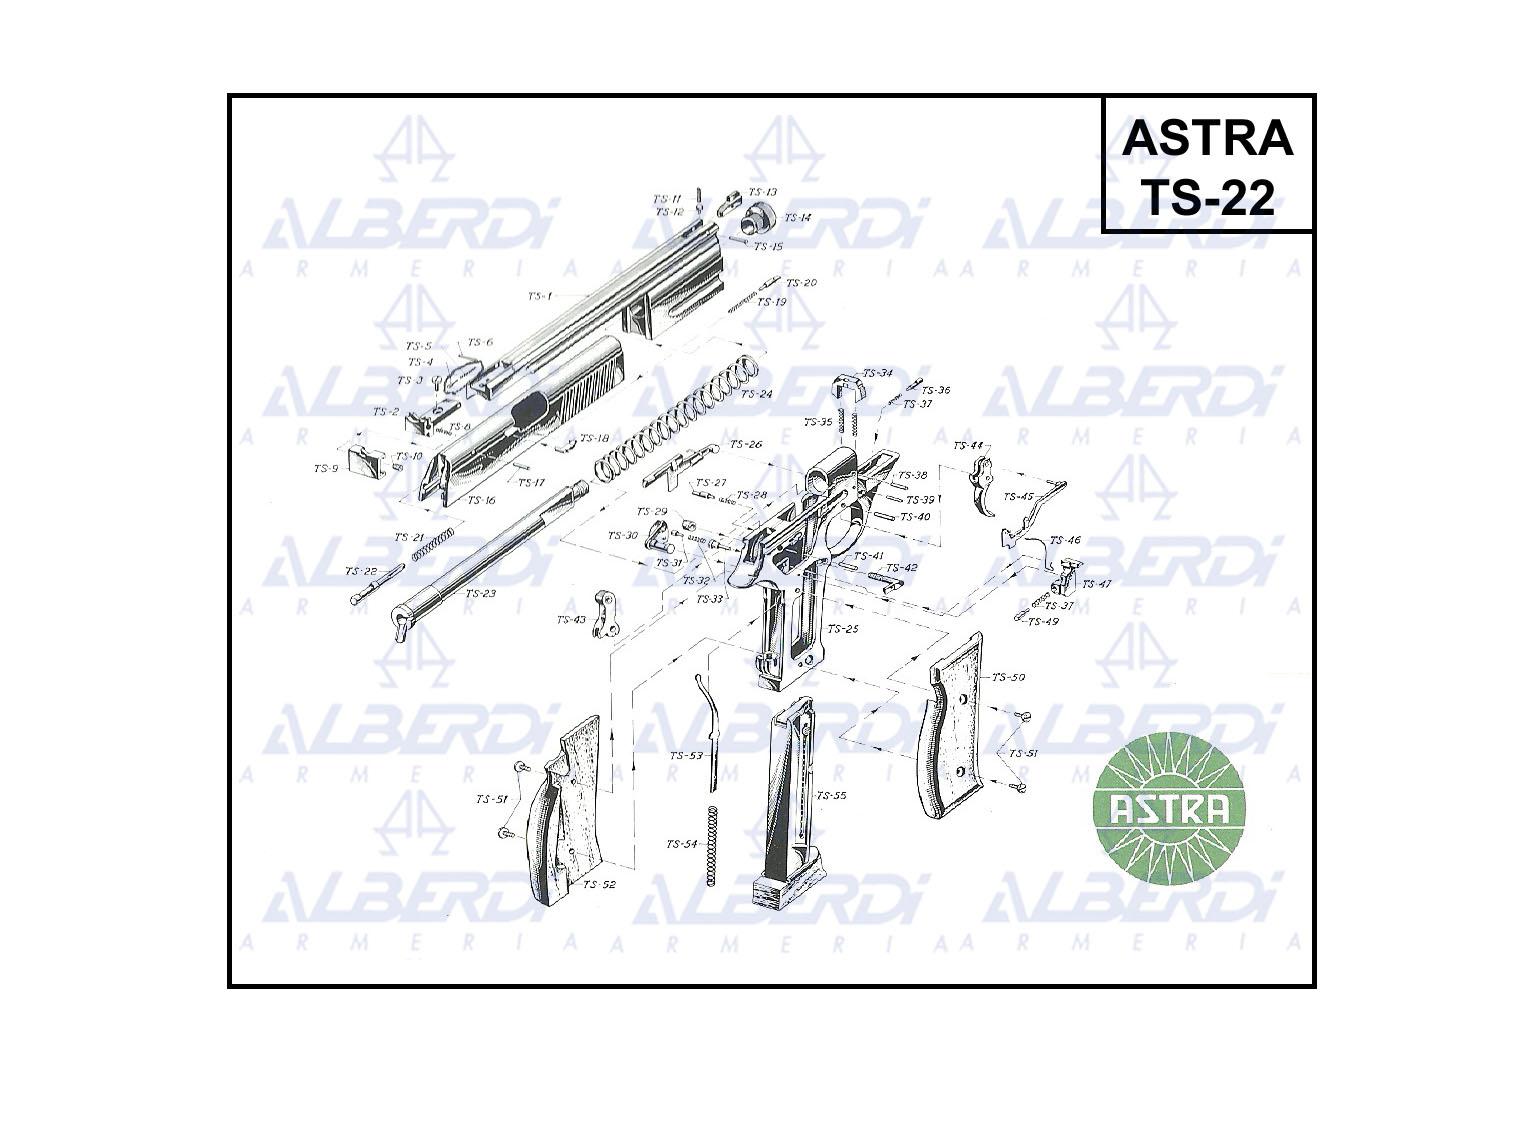 Astra mod TS-22 001 Agua